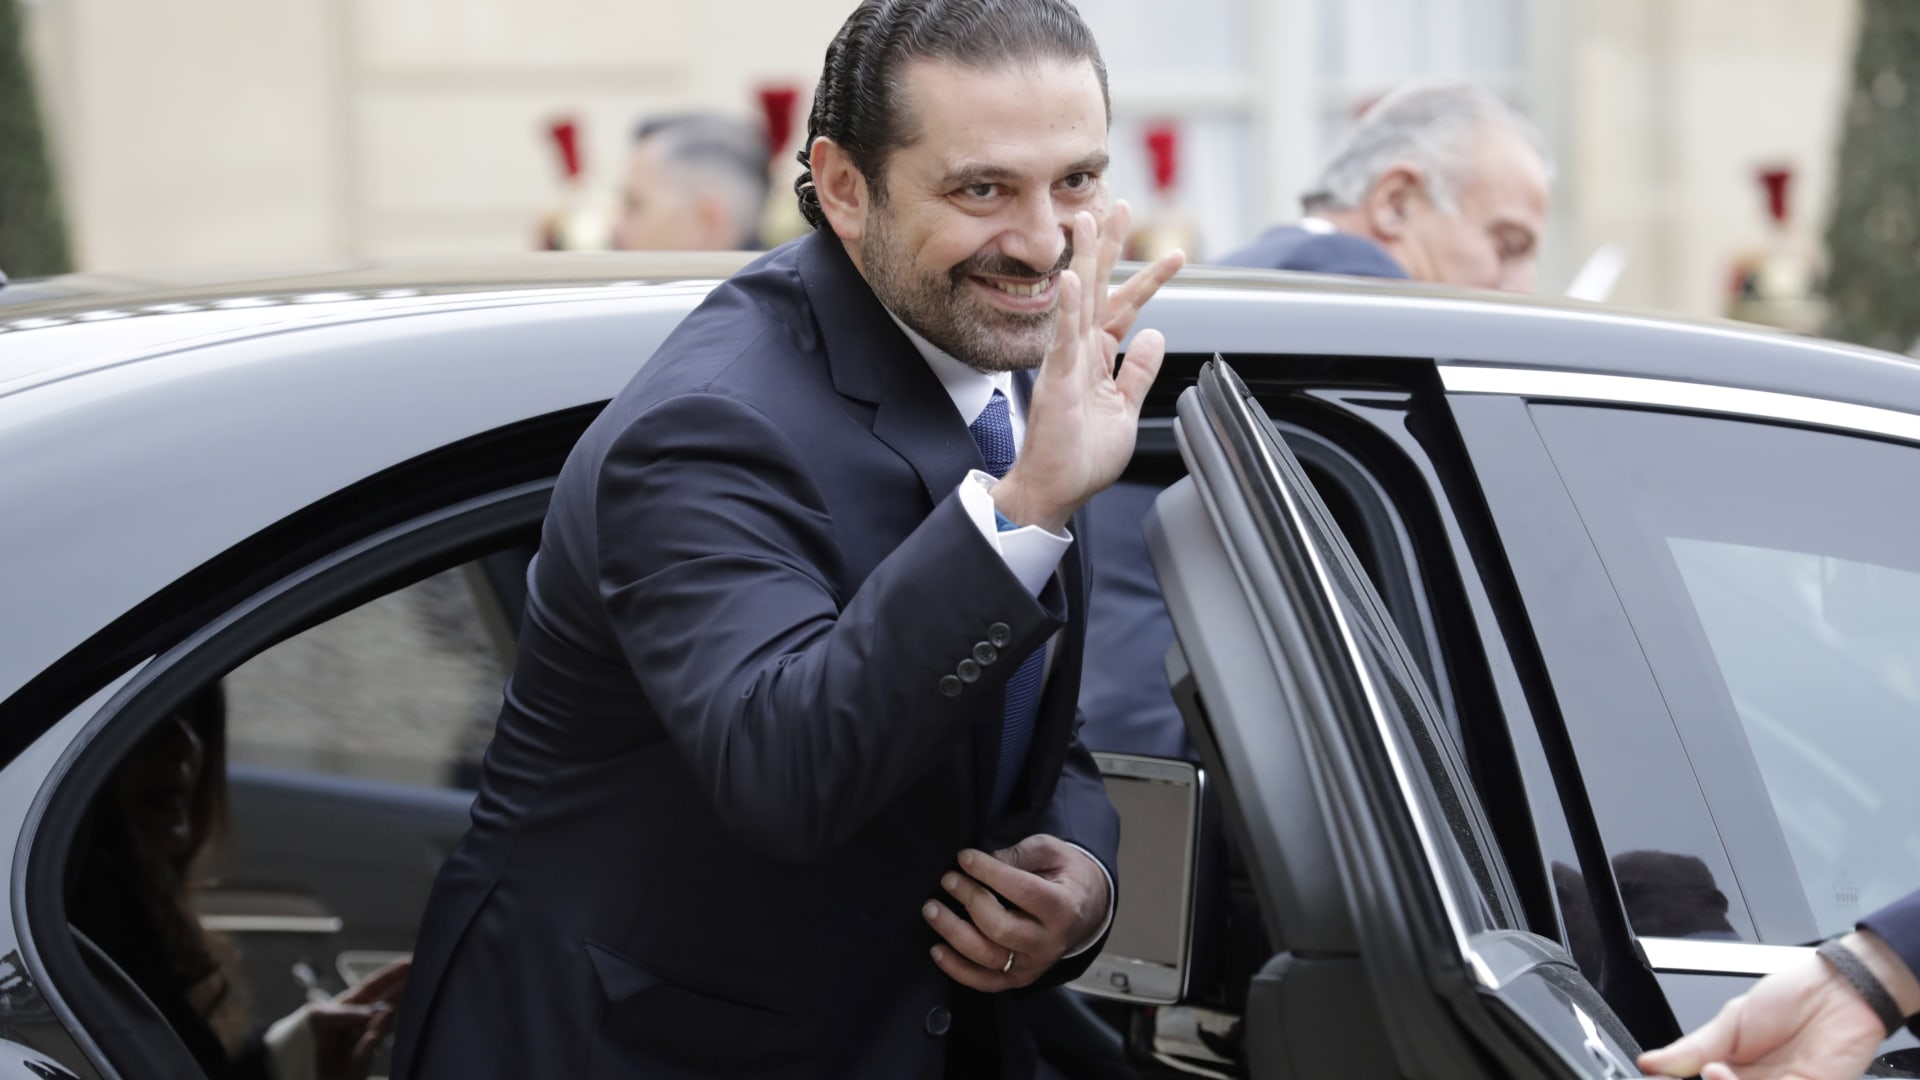 وزير الدفاع اللبناني لـCNN: استقالة الحريري لم تكن متوقعة